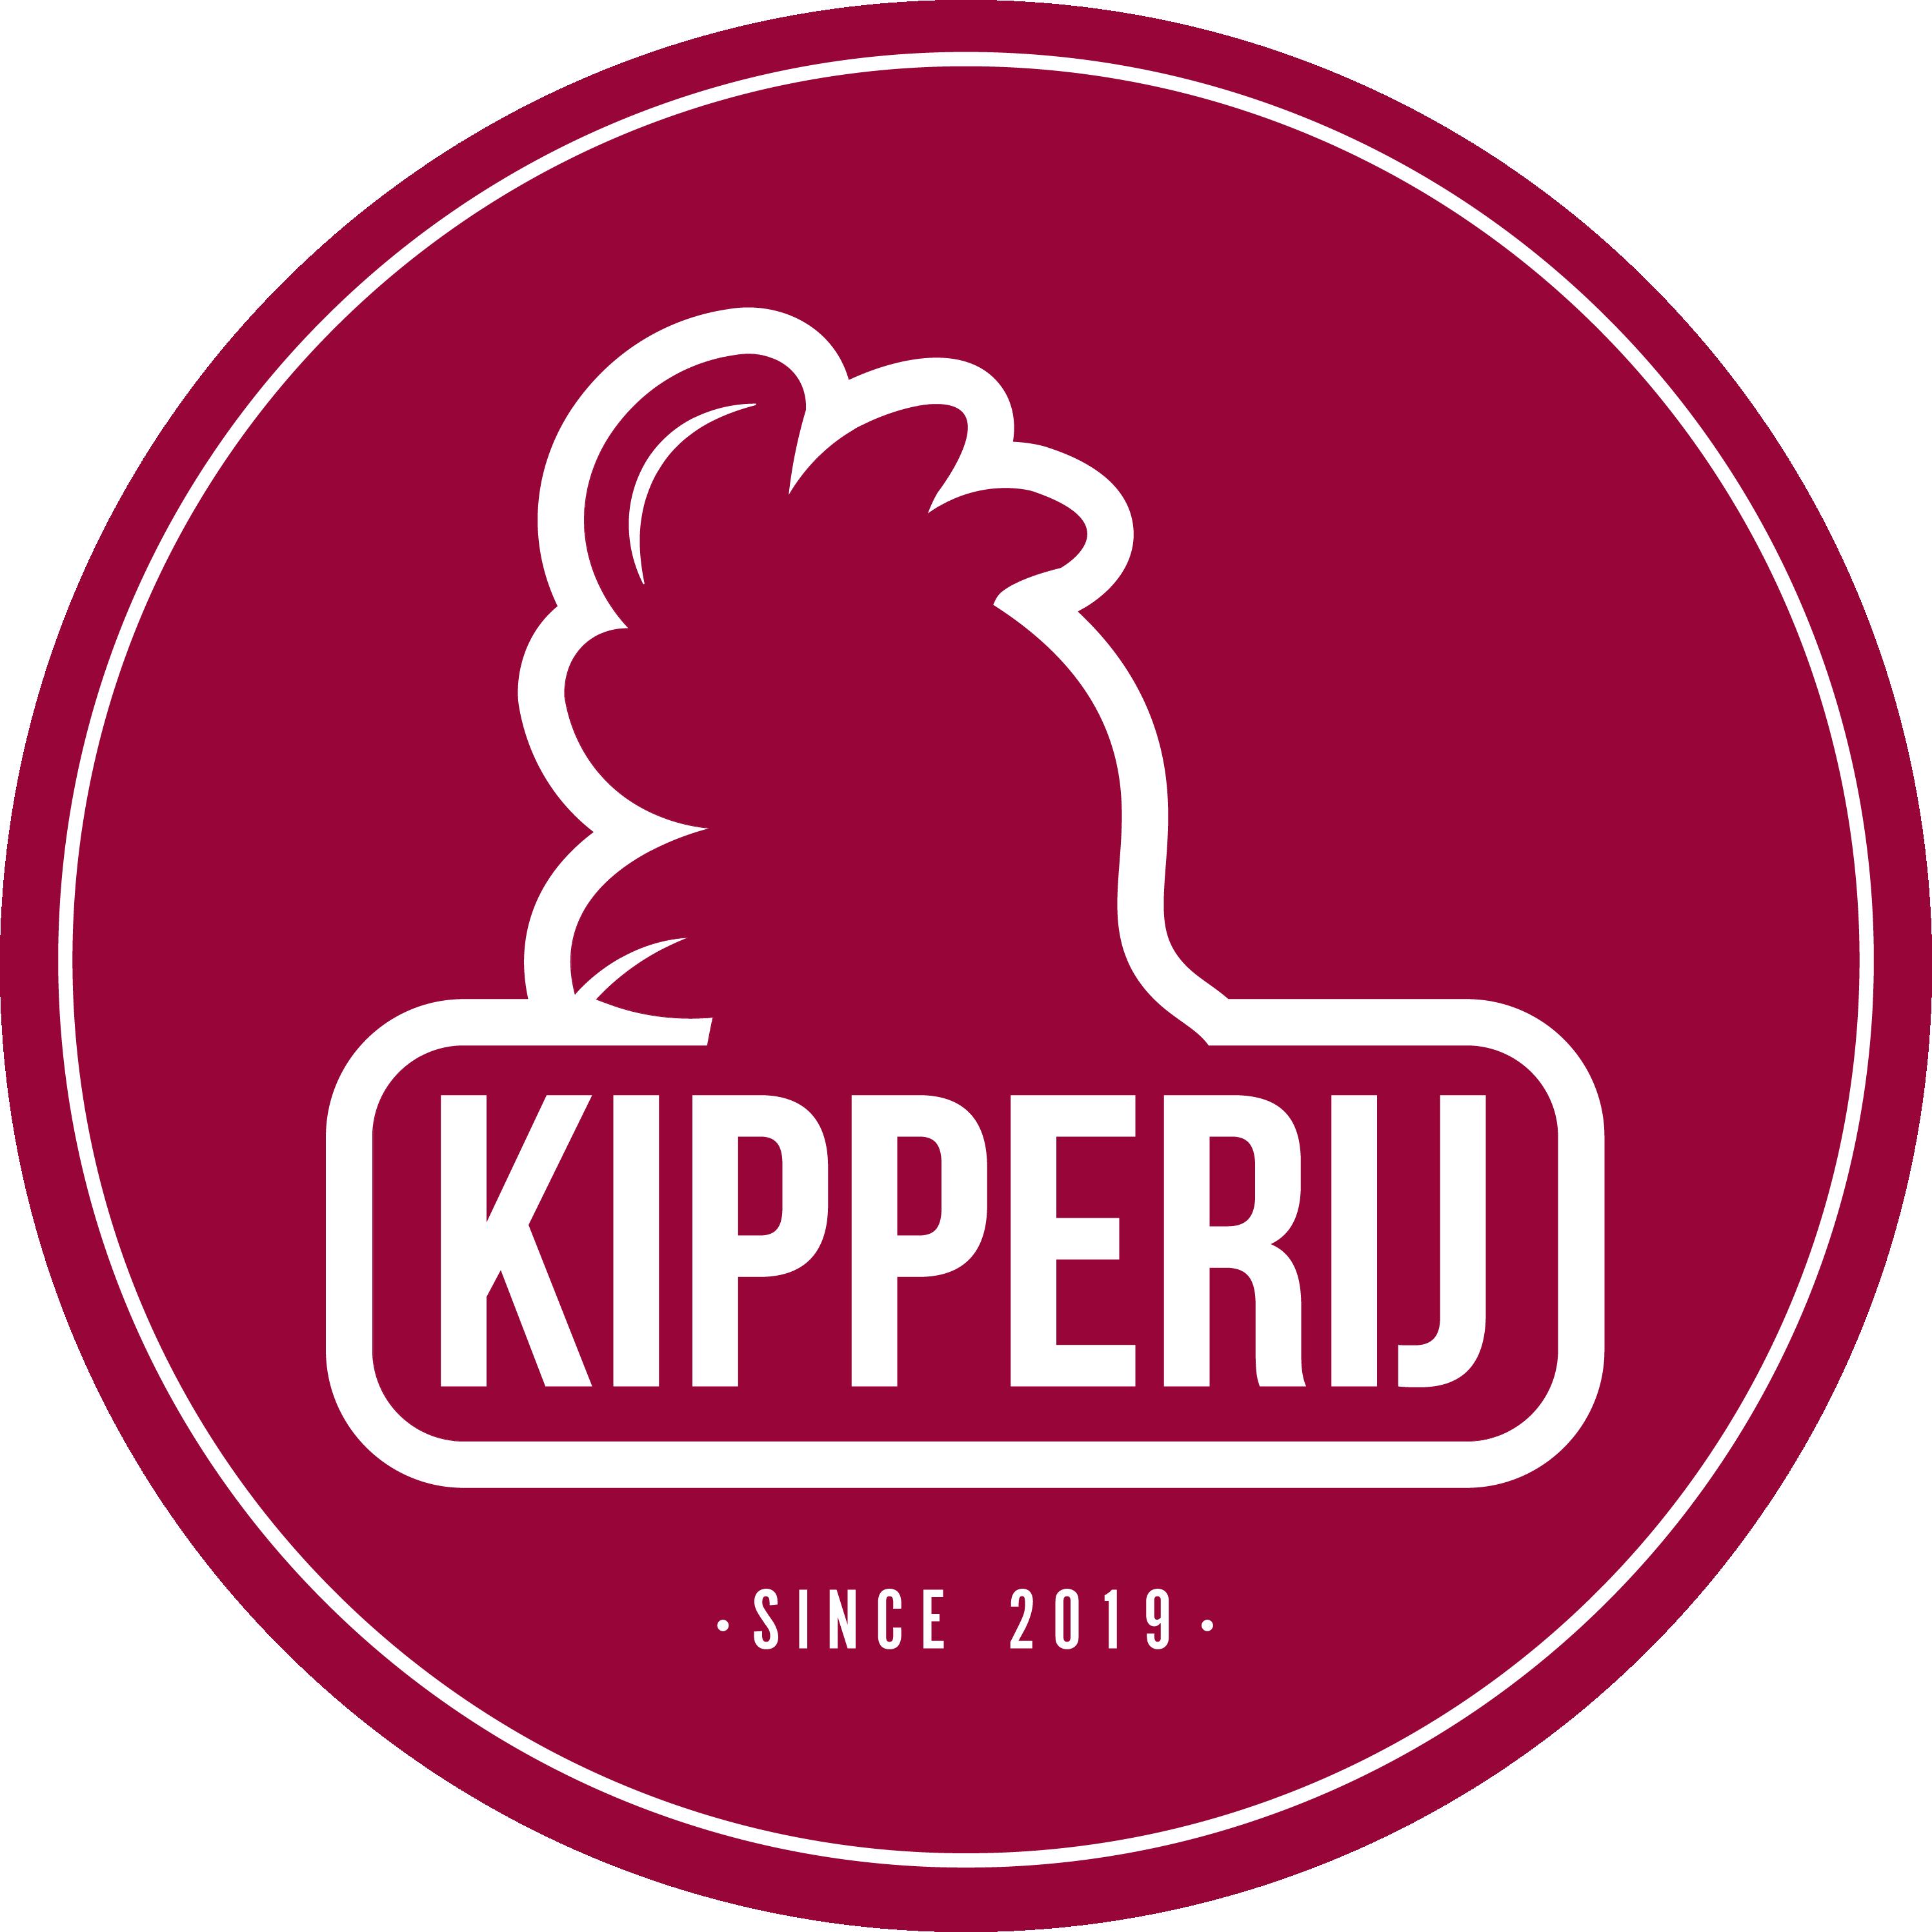 Kipperij Logo